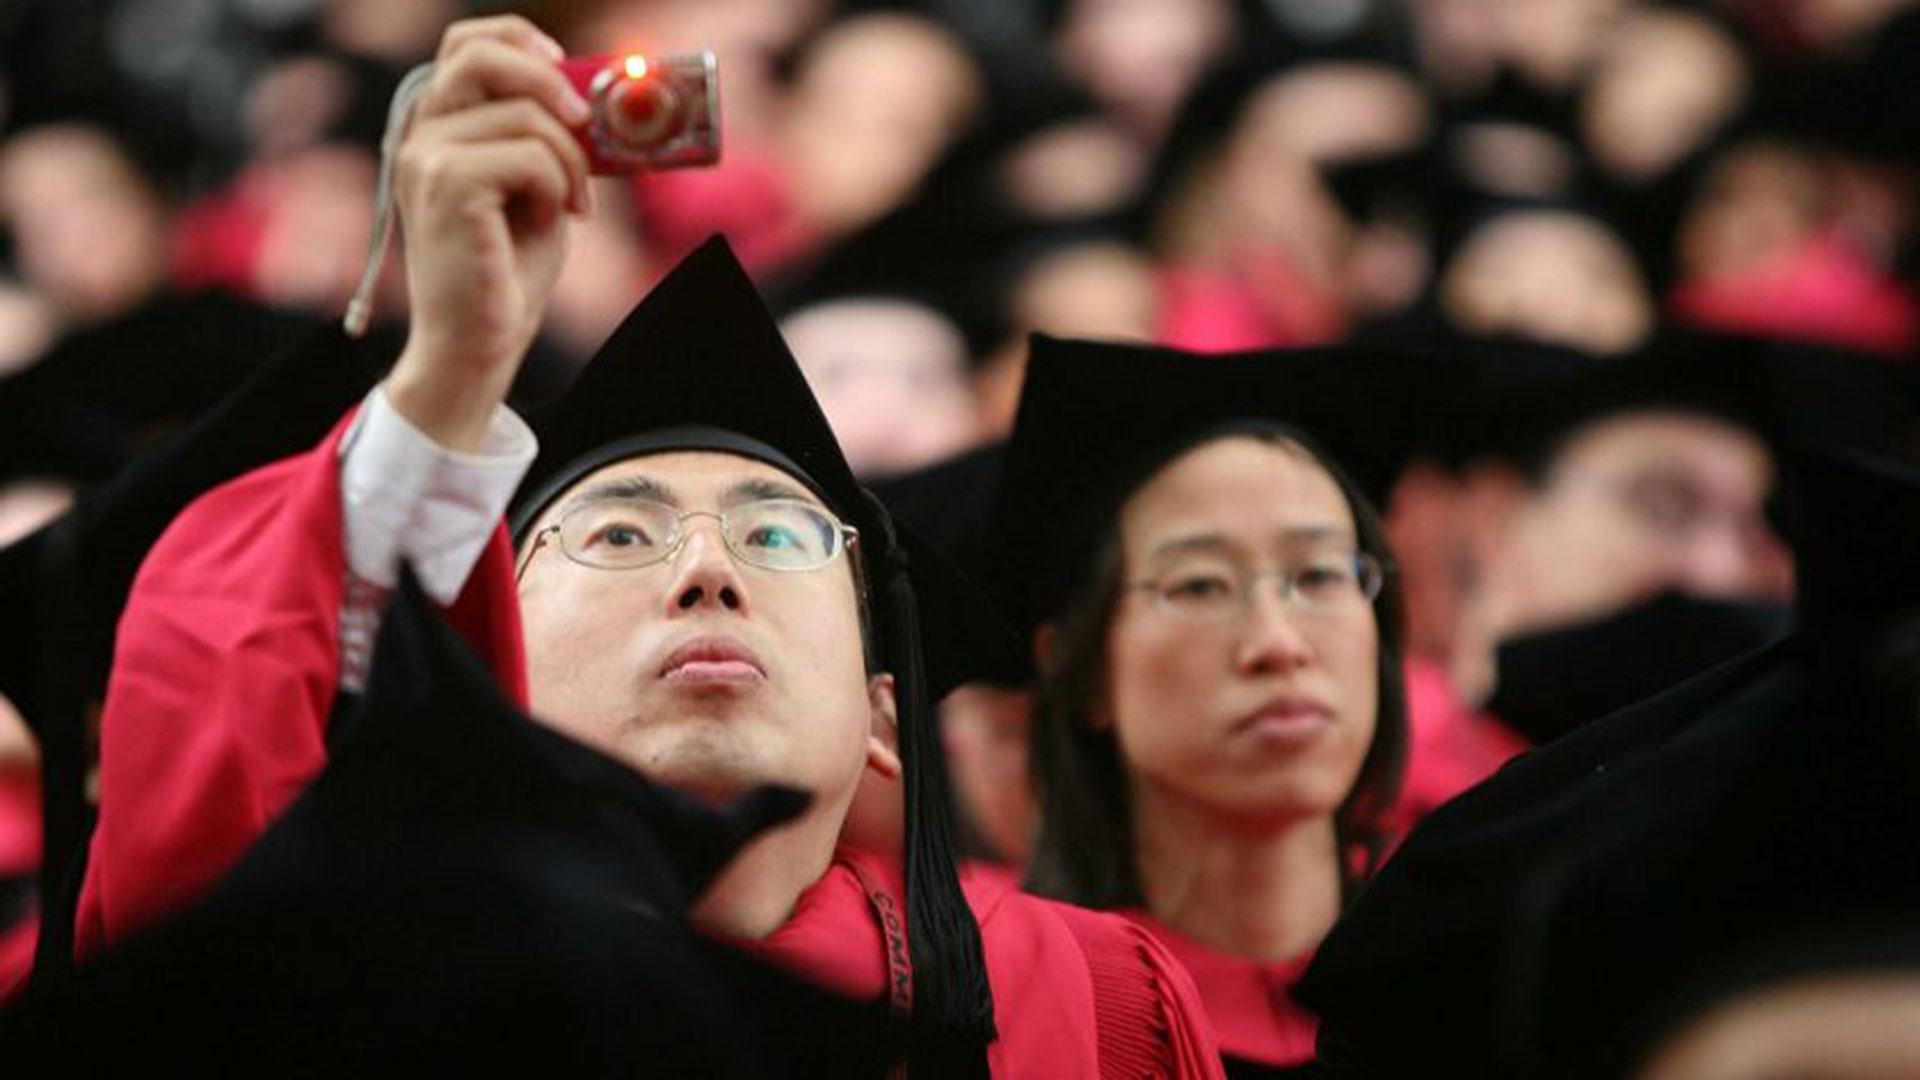 Las revelaciones surgieronenun juiciopor presunta discriminación de asiático-americanos(AFP)